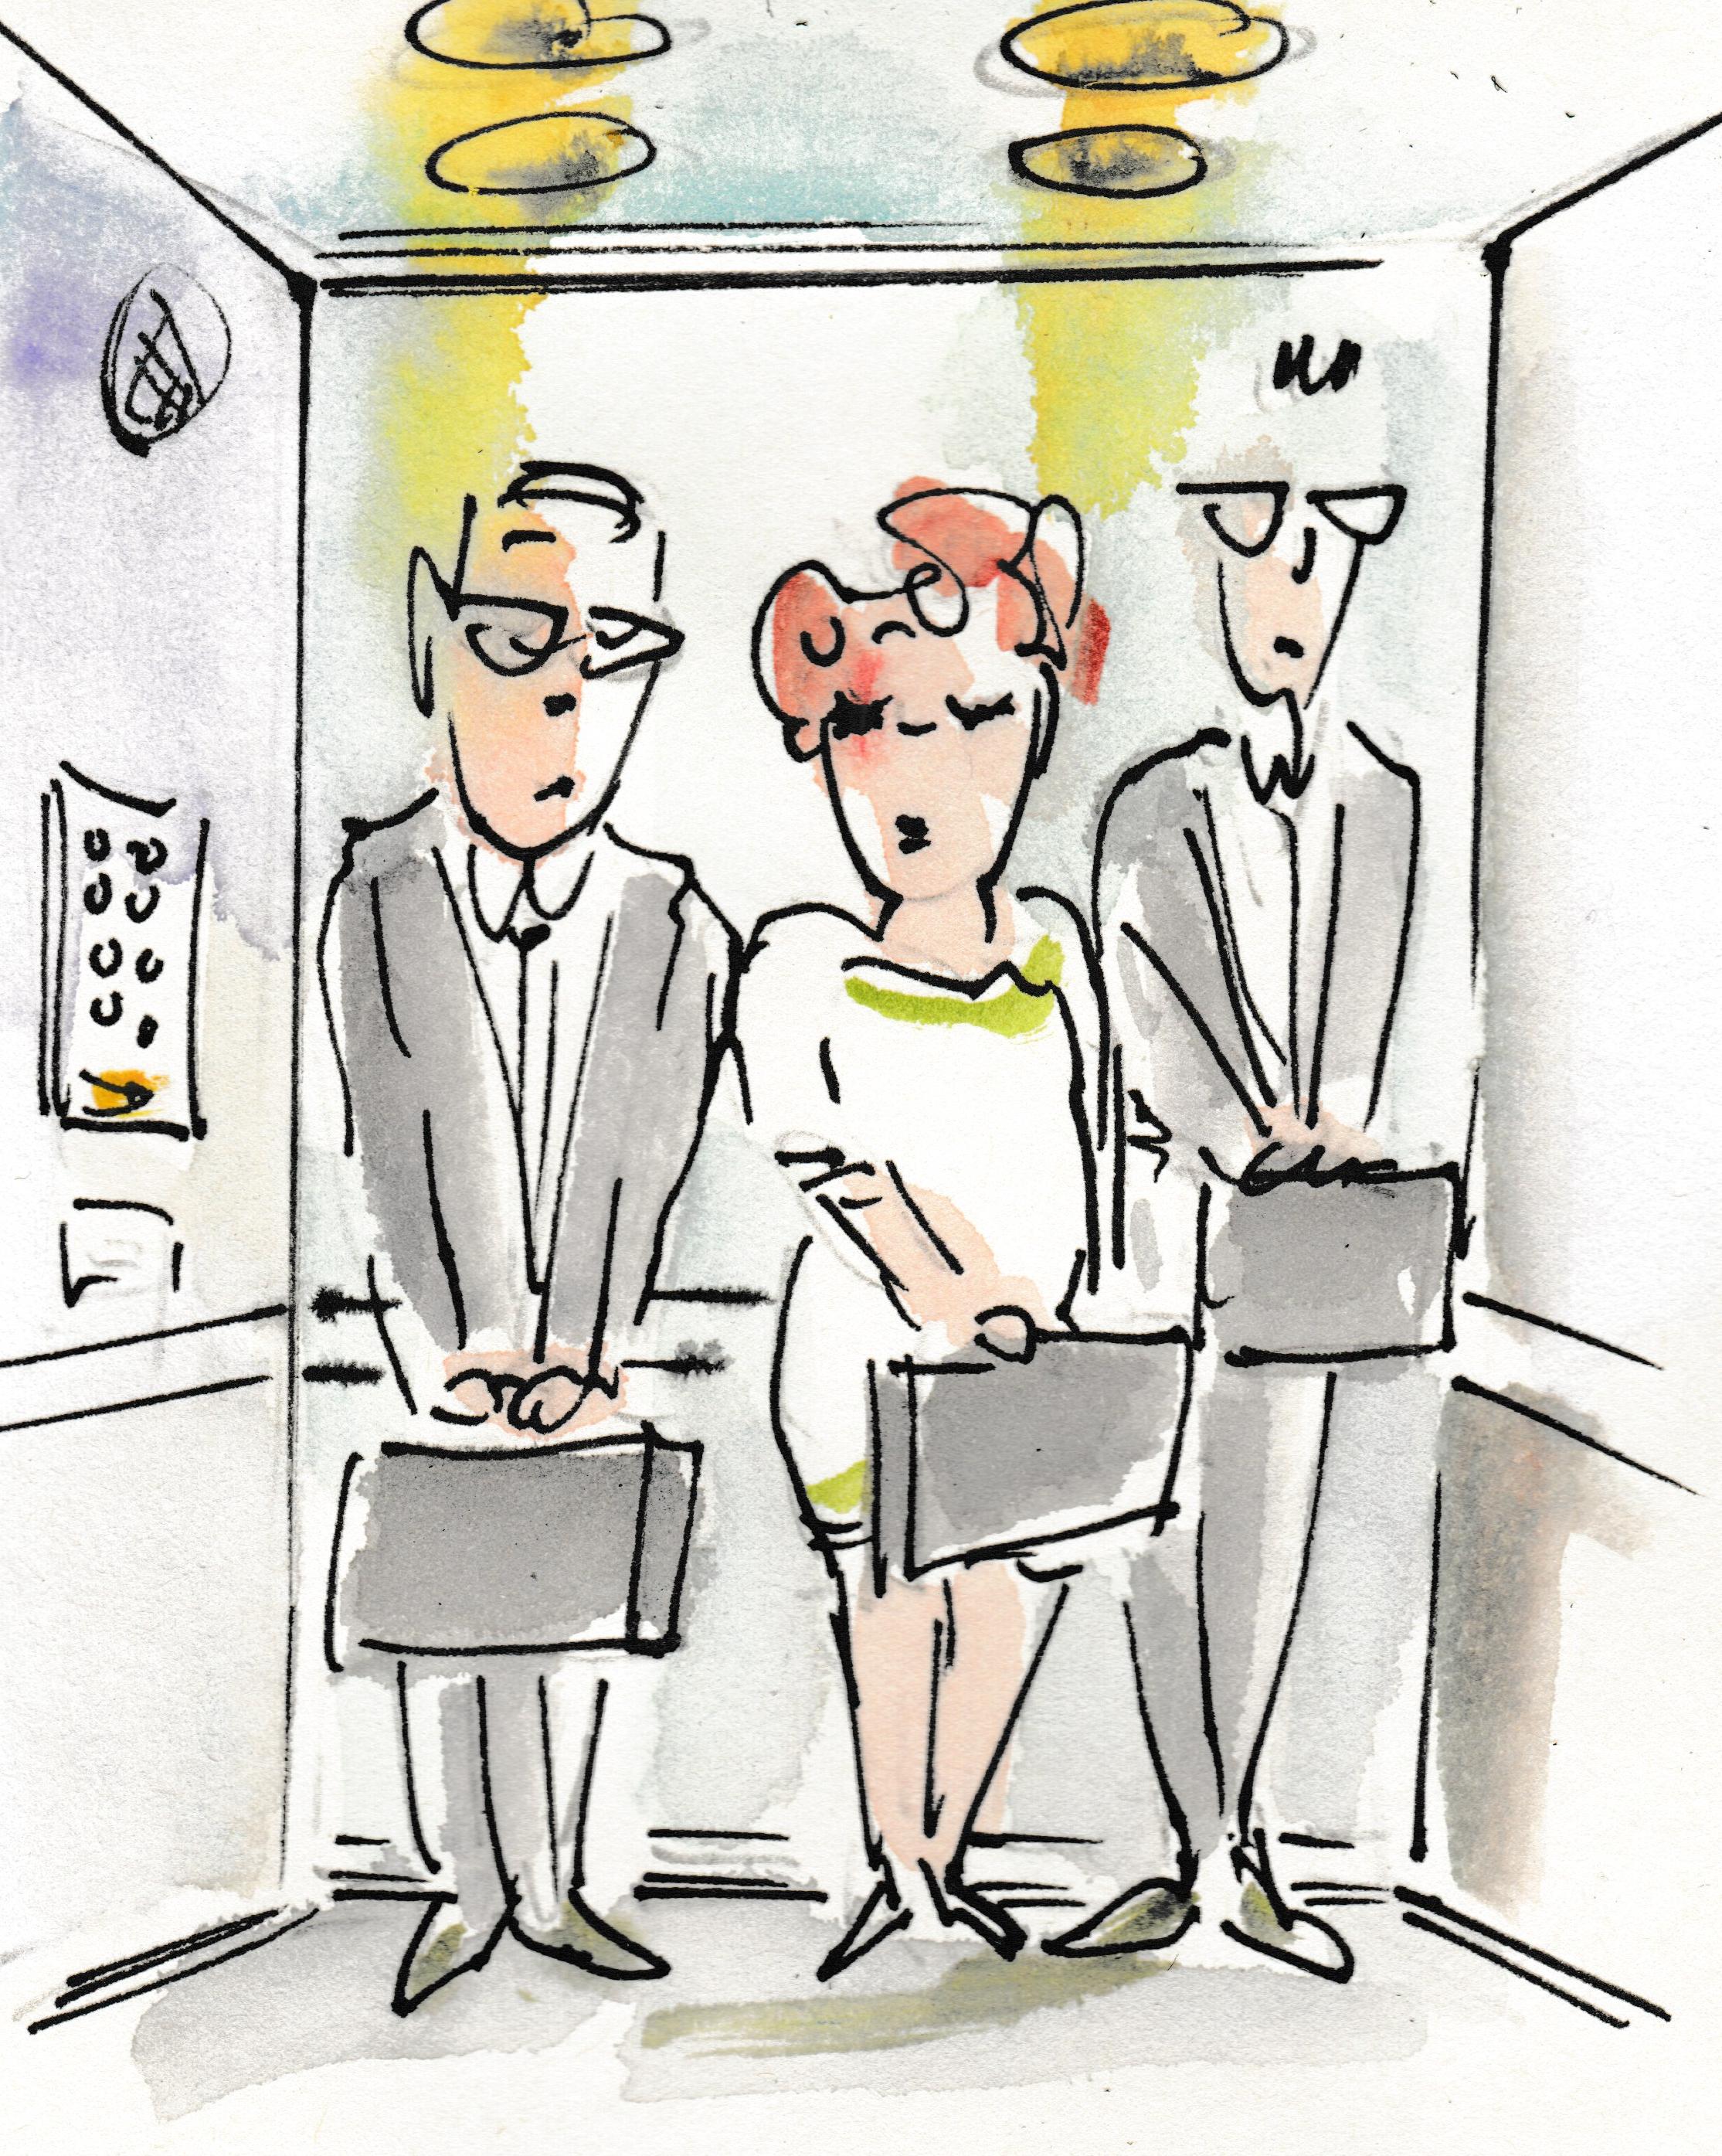 Menschen, die kein Gespräch im Aufzug führen – Zeichnung von Gerda Laufenberg.